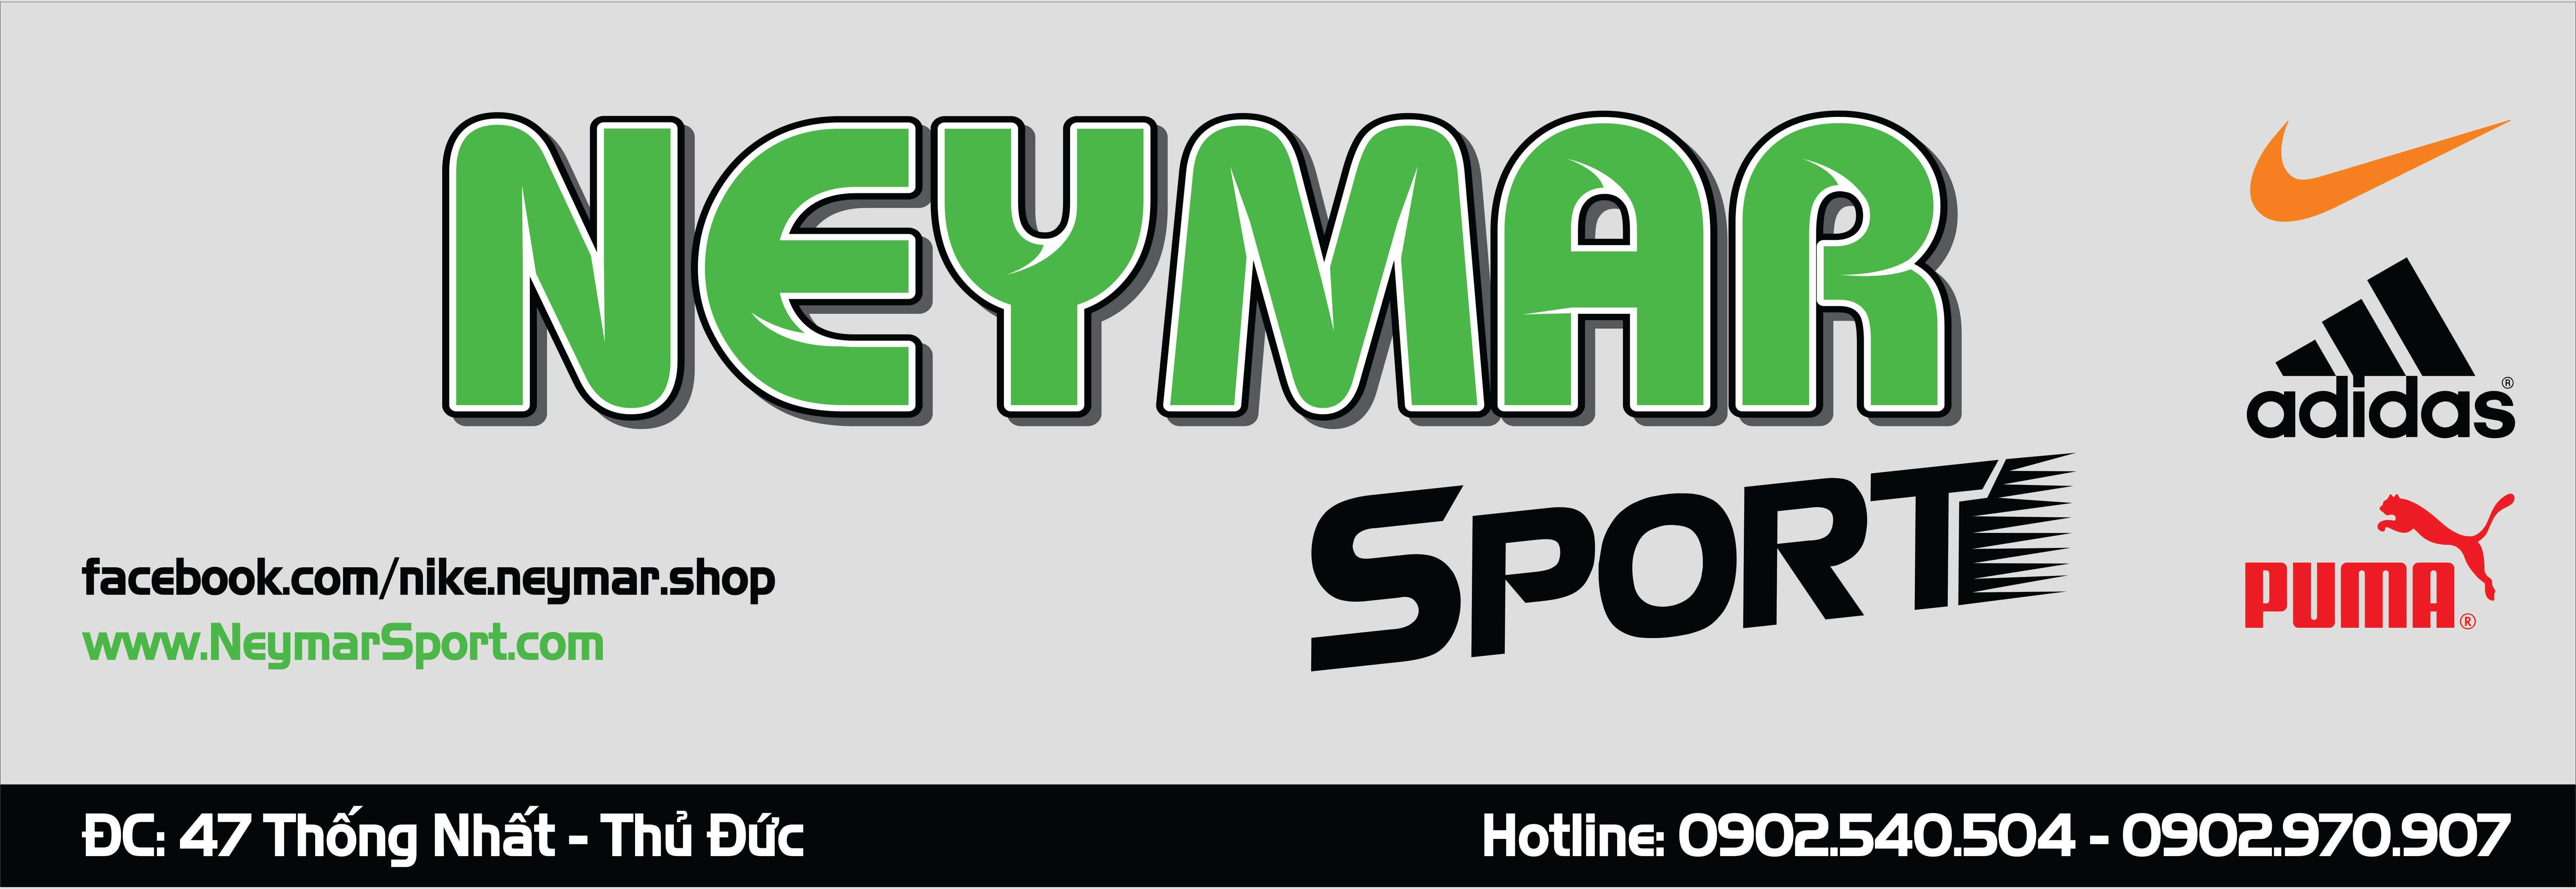 www.123nhanh.com: Giày đá banh chính hãng - Neymarsport _ The nonstop star